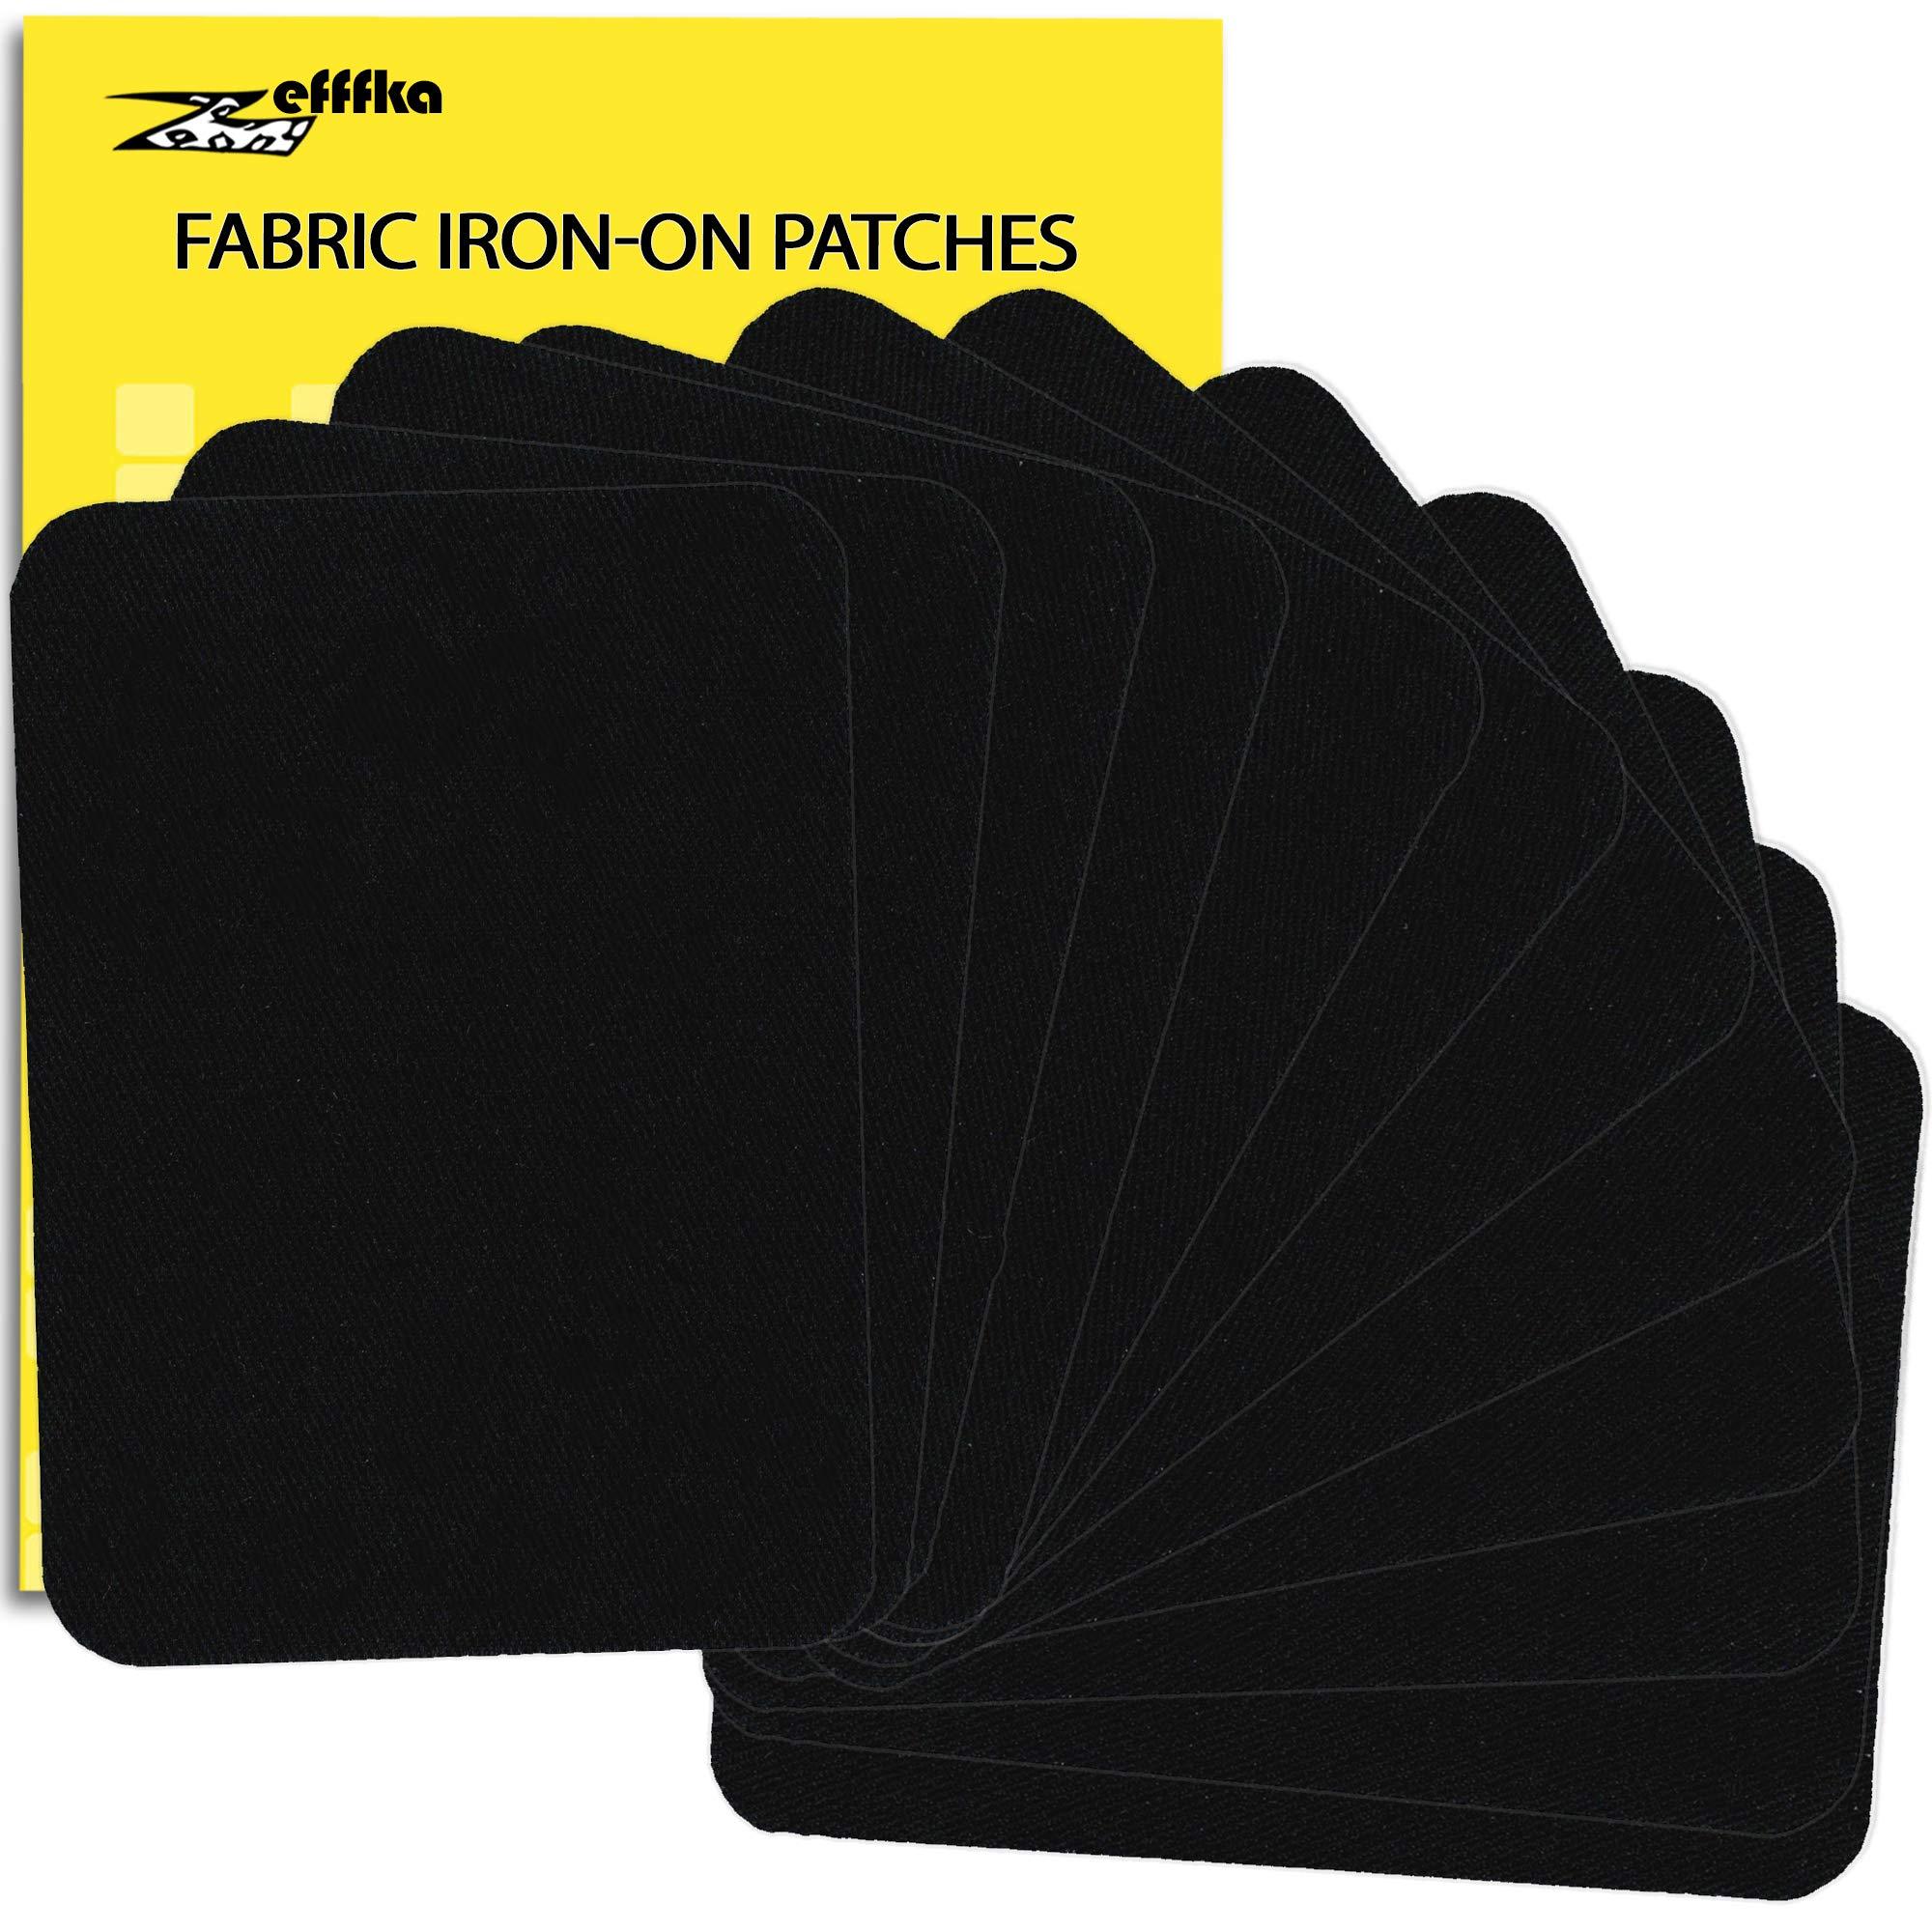 Zeffka - Parches de tela de alta calidad para planchar, 12 piezas, 100% algodón, kit de reparación de 3 x 4 – 1/4 pulgadas: Amazon.es: Hogar